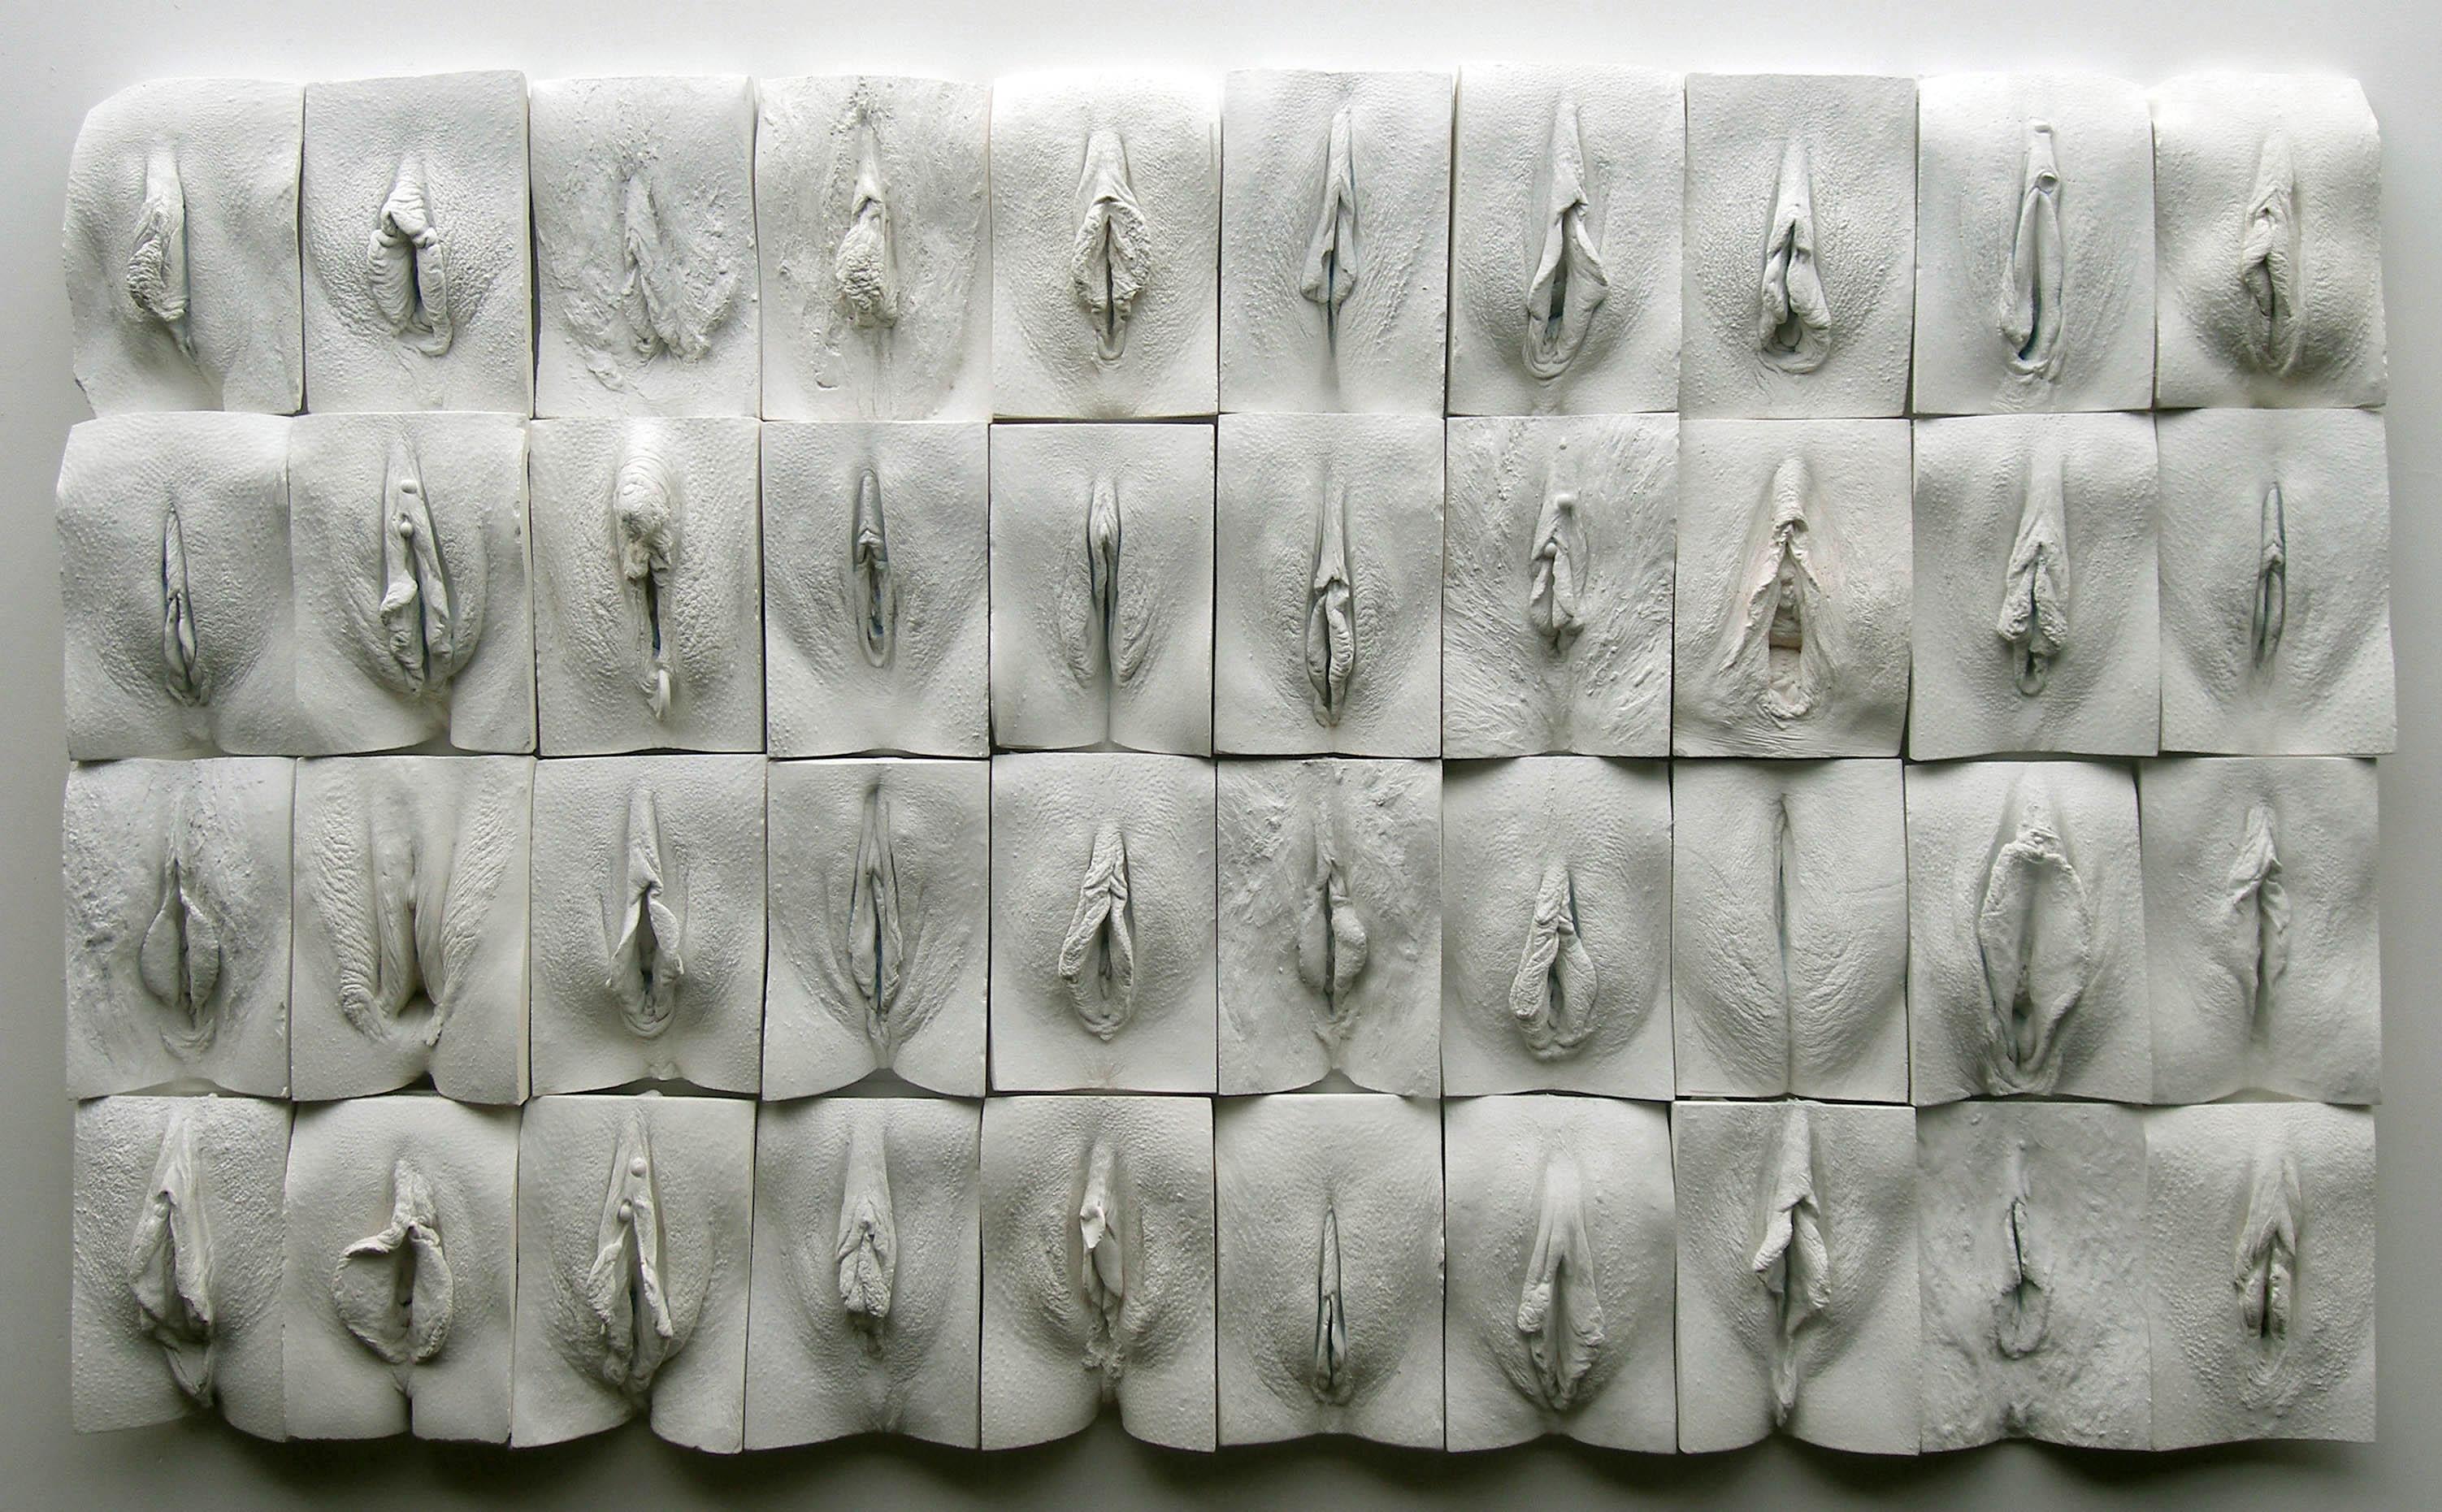 хороша позе какие бывают вагины картинки анюта были какие-то